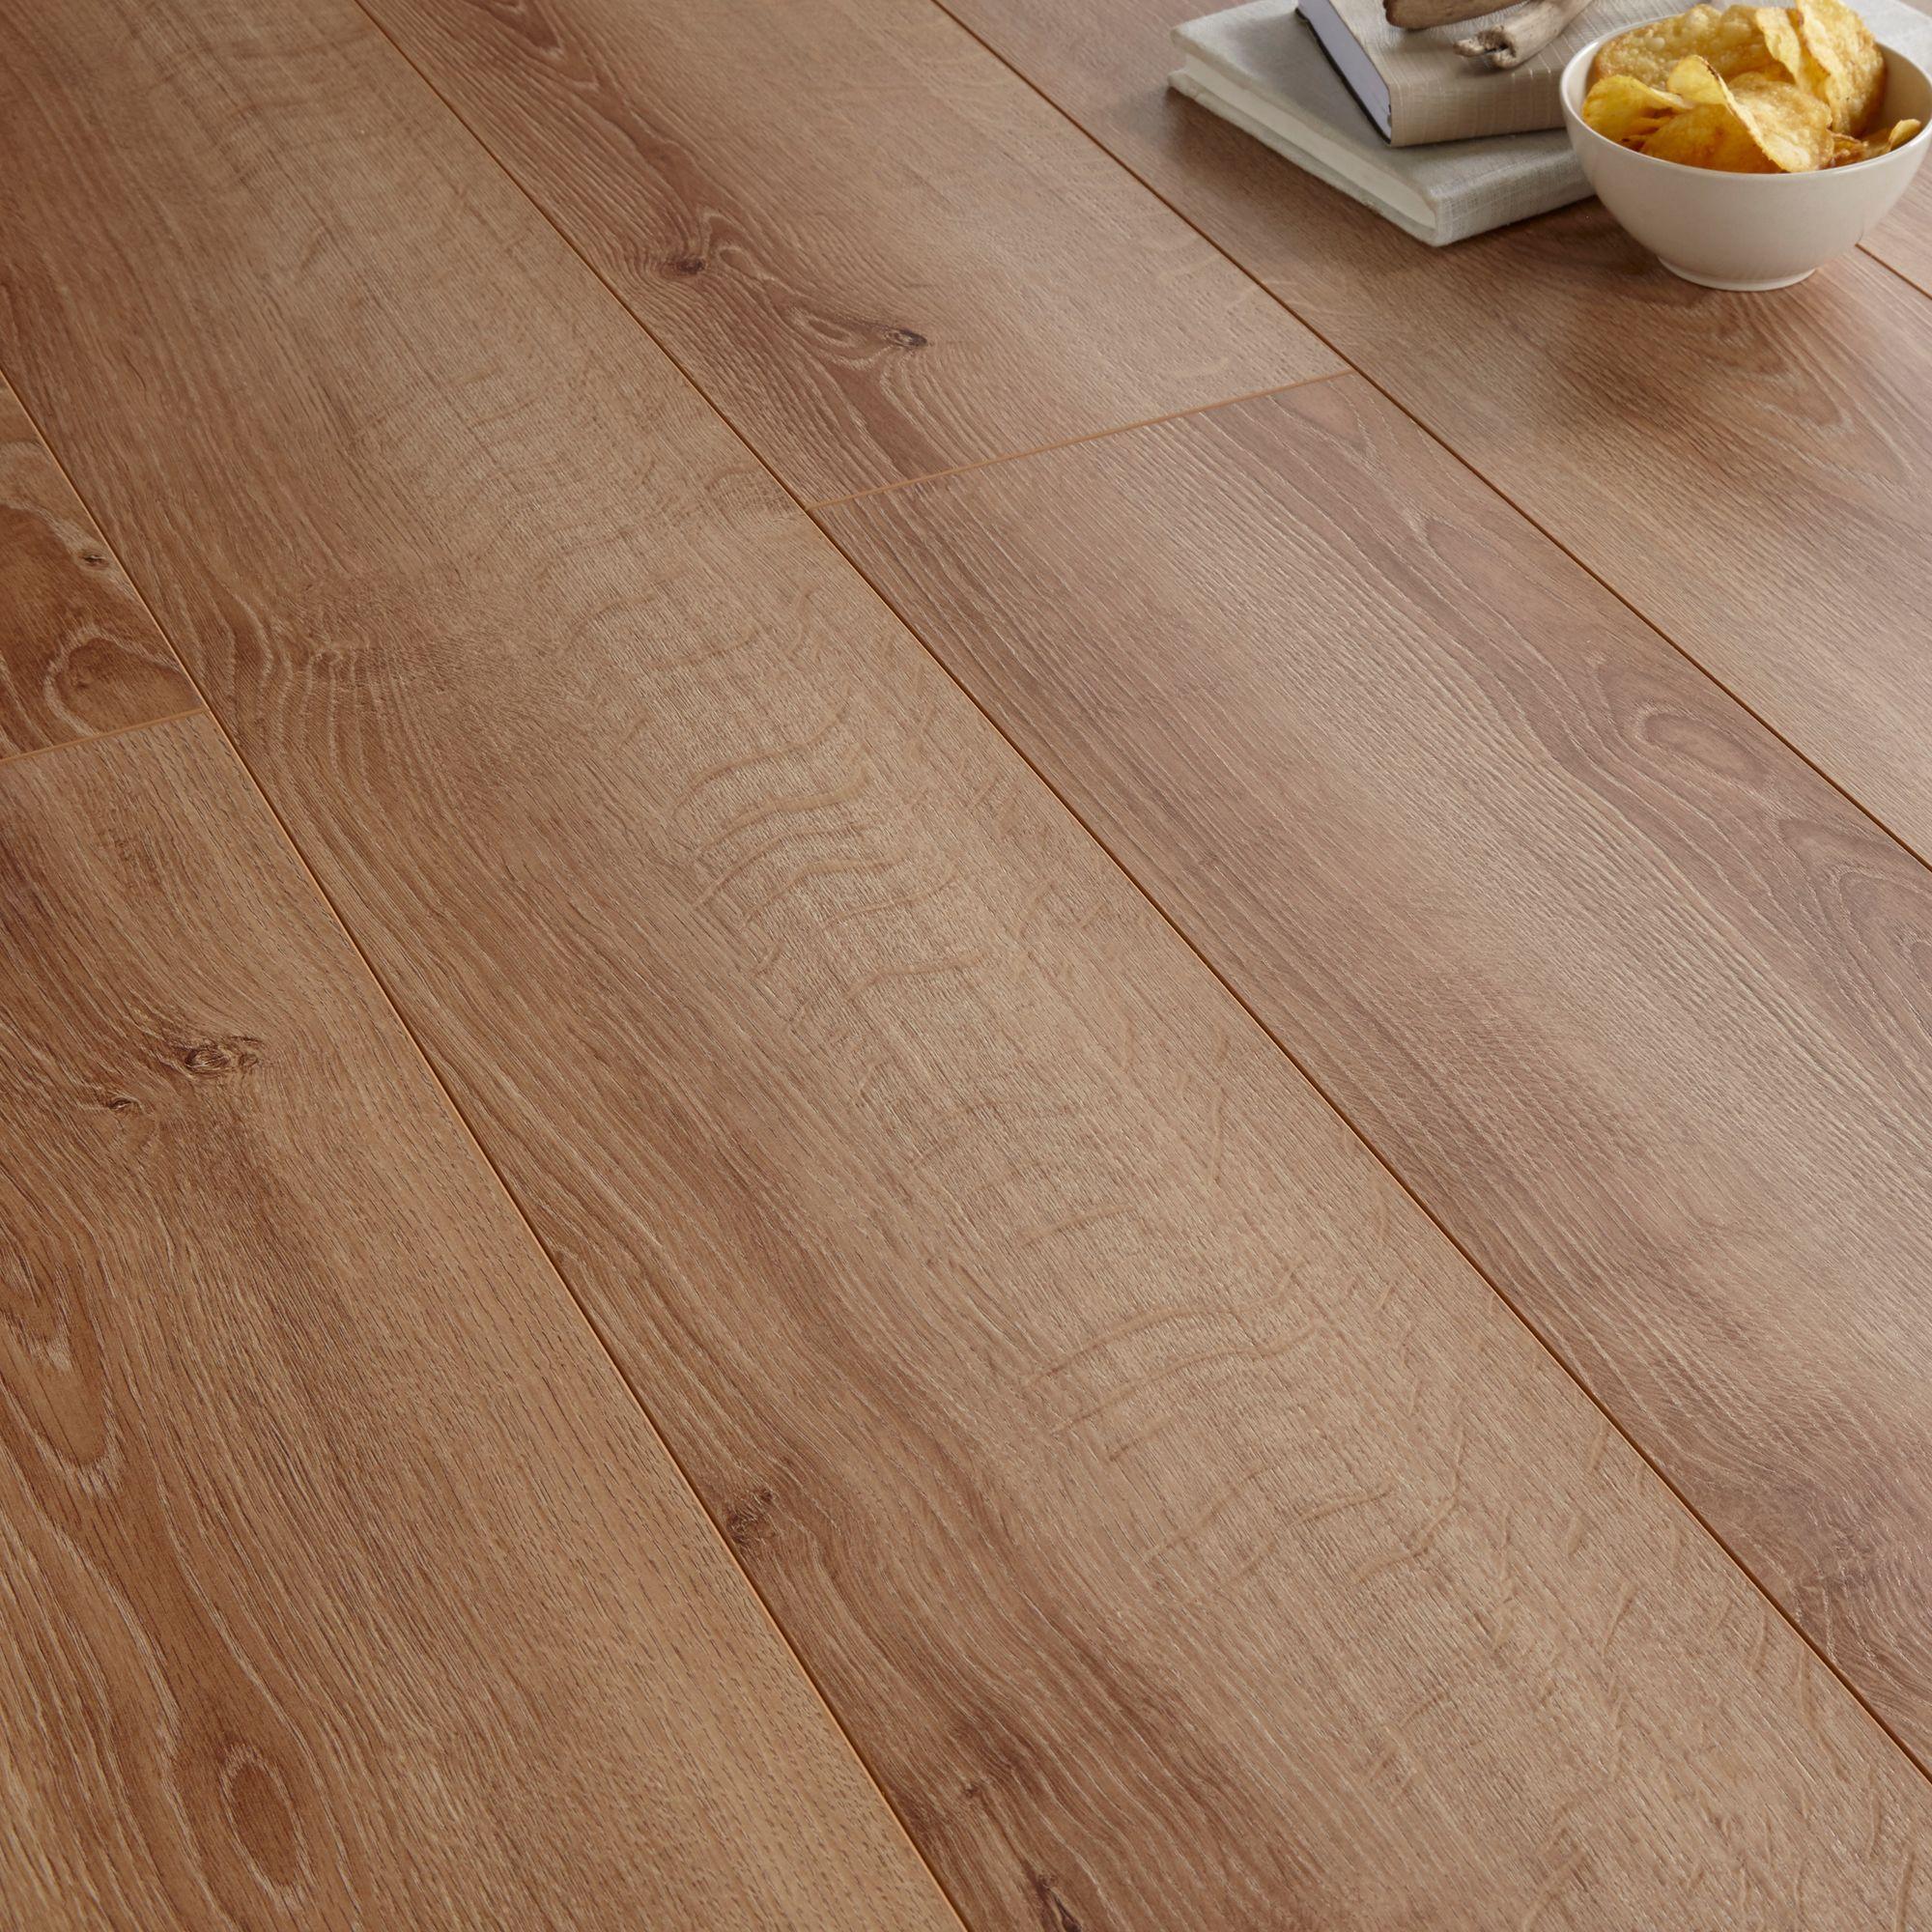 Wonderful Natural Oak Effect Laminate Flooring Part - 3: Colours Brown Natural Oak Effect Laminate Flooring 1.75m² Pack |  Departments | DIY At Bu0026Q